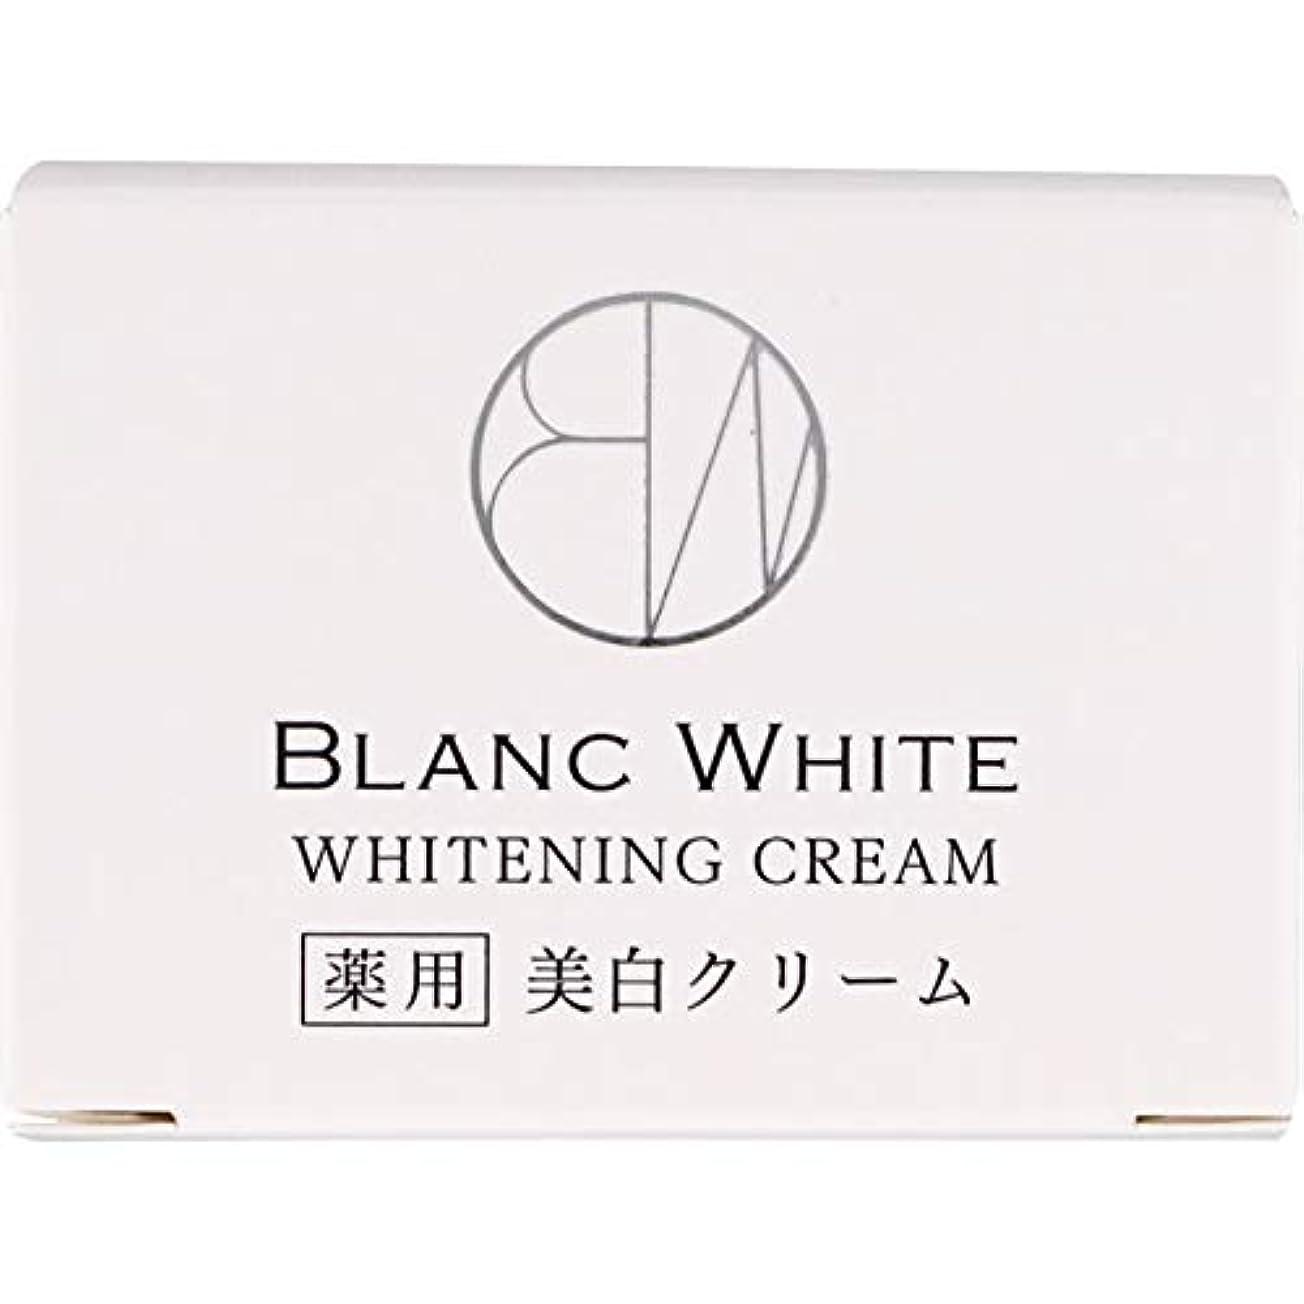 説教する土曜日コマースブランホワイト ホワイトニング クリーム 45g